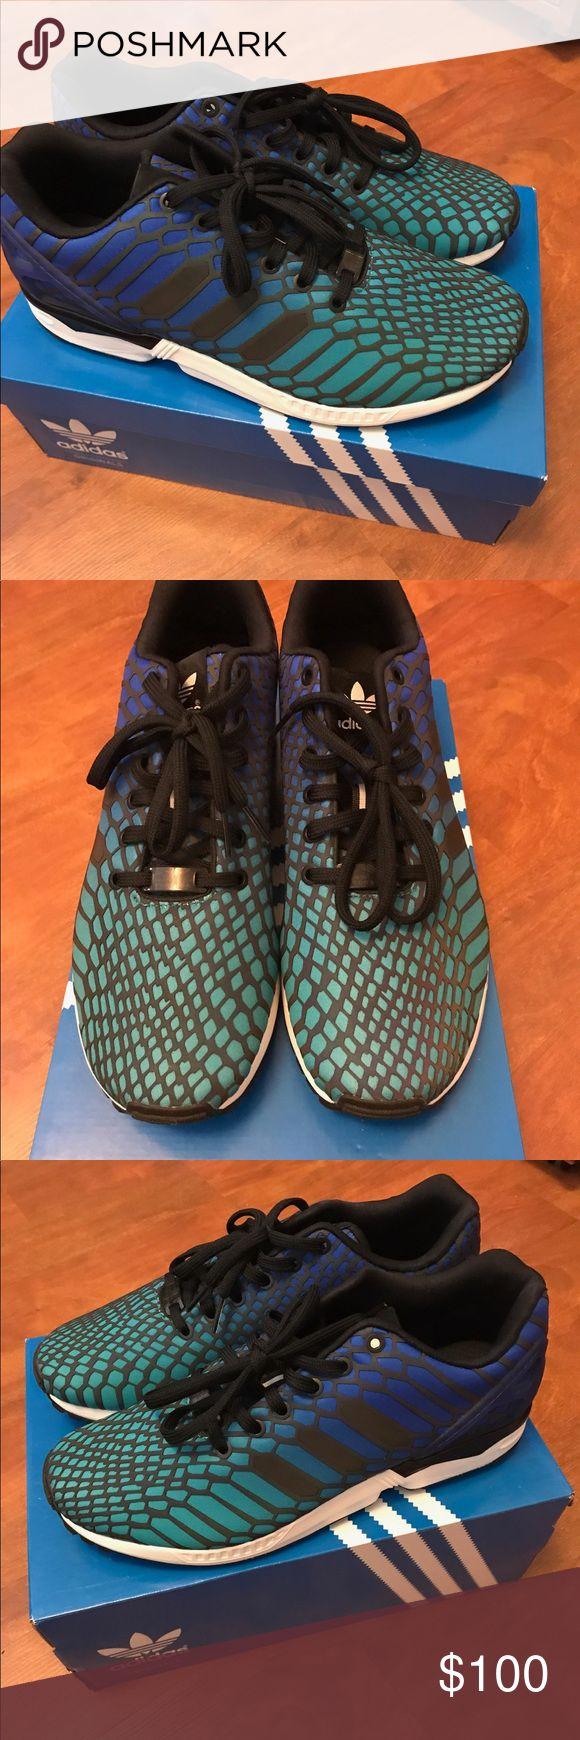 Mans Adidas zx flux Adidas zx flux adidas Shoes Sneakers